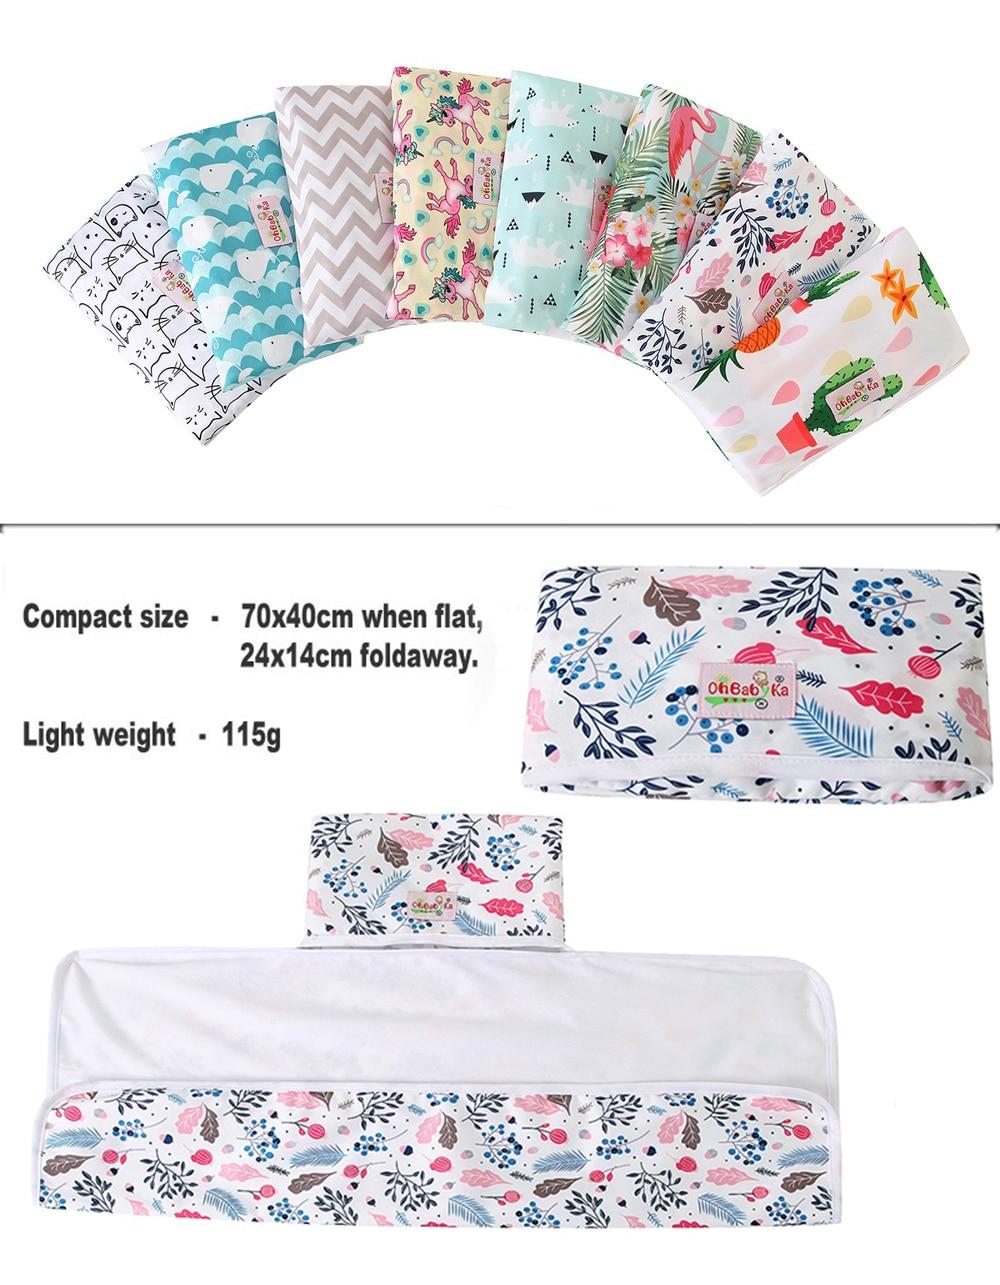 Новые 3 в 1 Водонепроницаемый пеленальный коврик пеленки мнчества, Портативный чехол для детских подгузников коврик чистой ручной складной сумка из узорчатой ткани